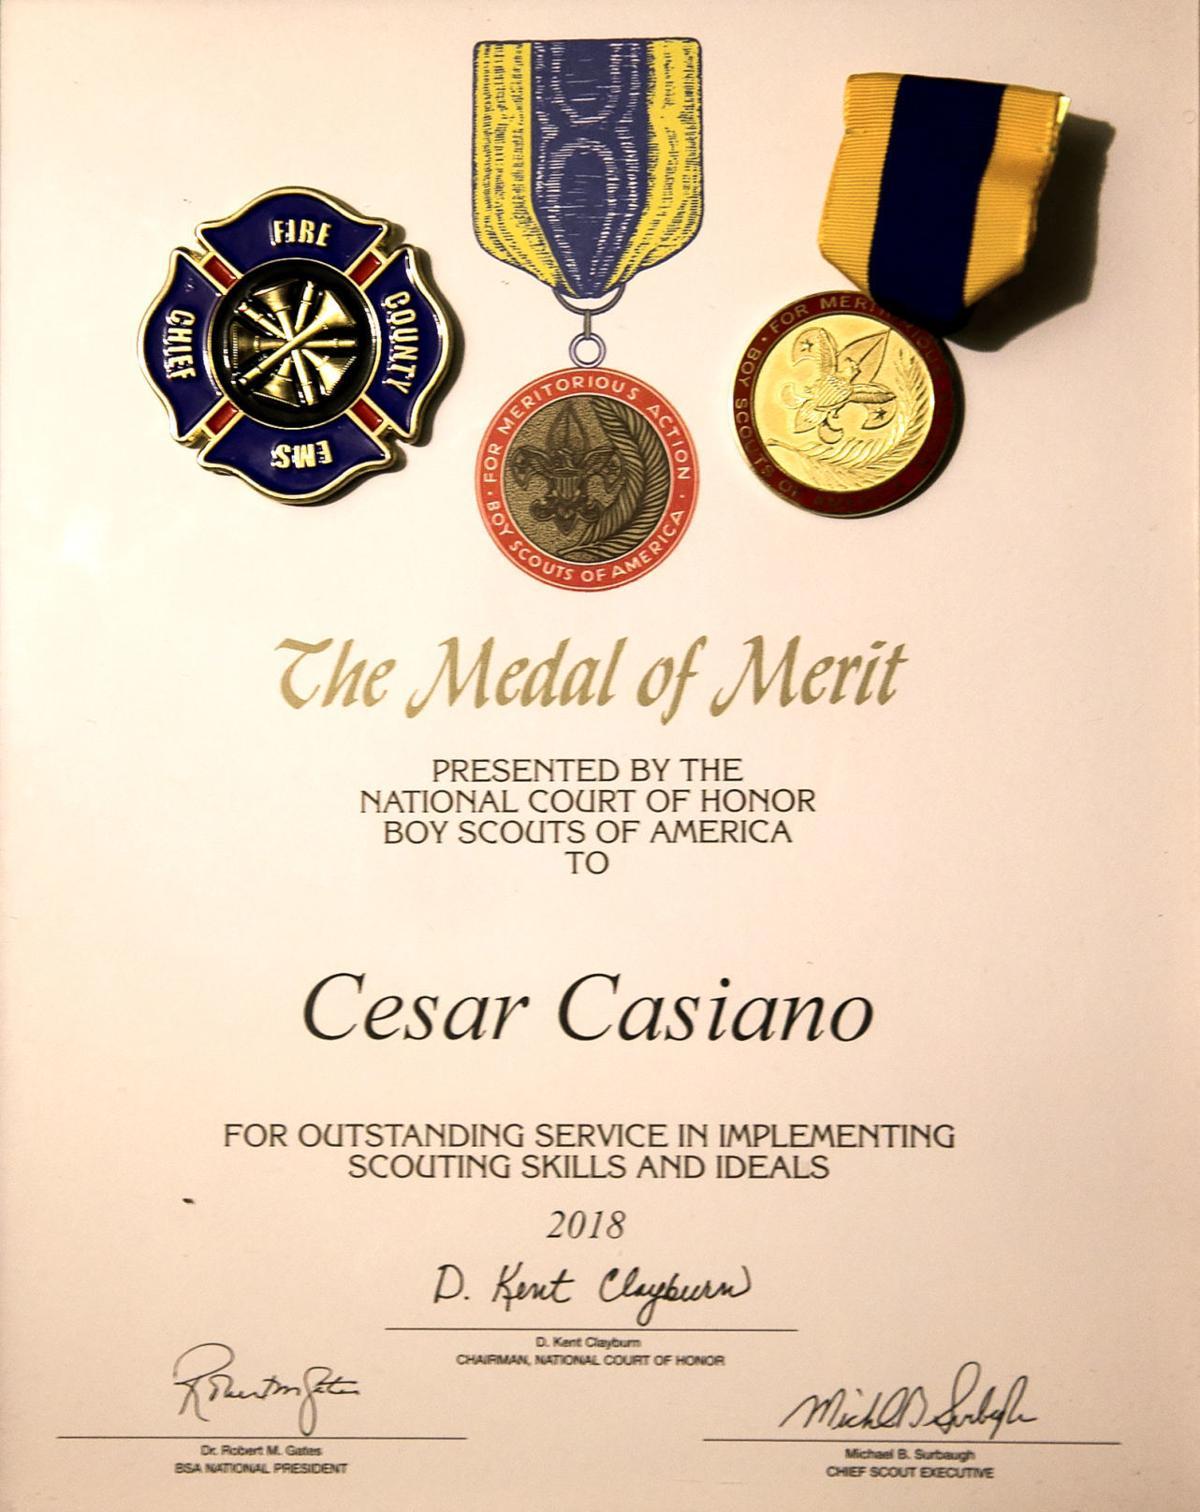 Cesar Casiano